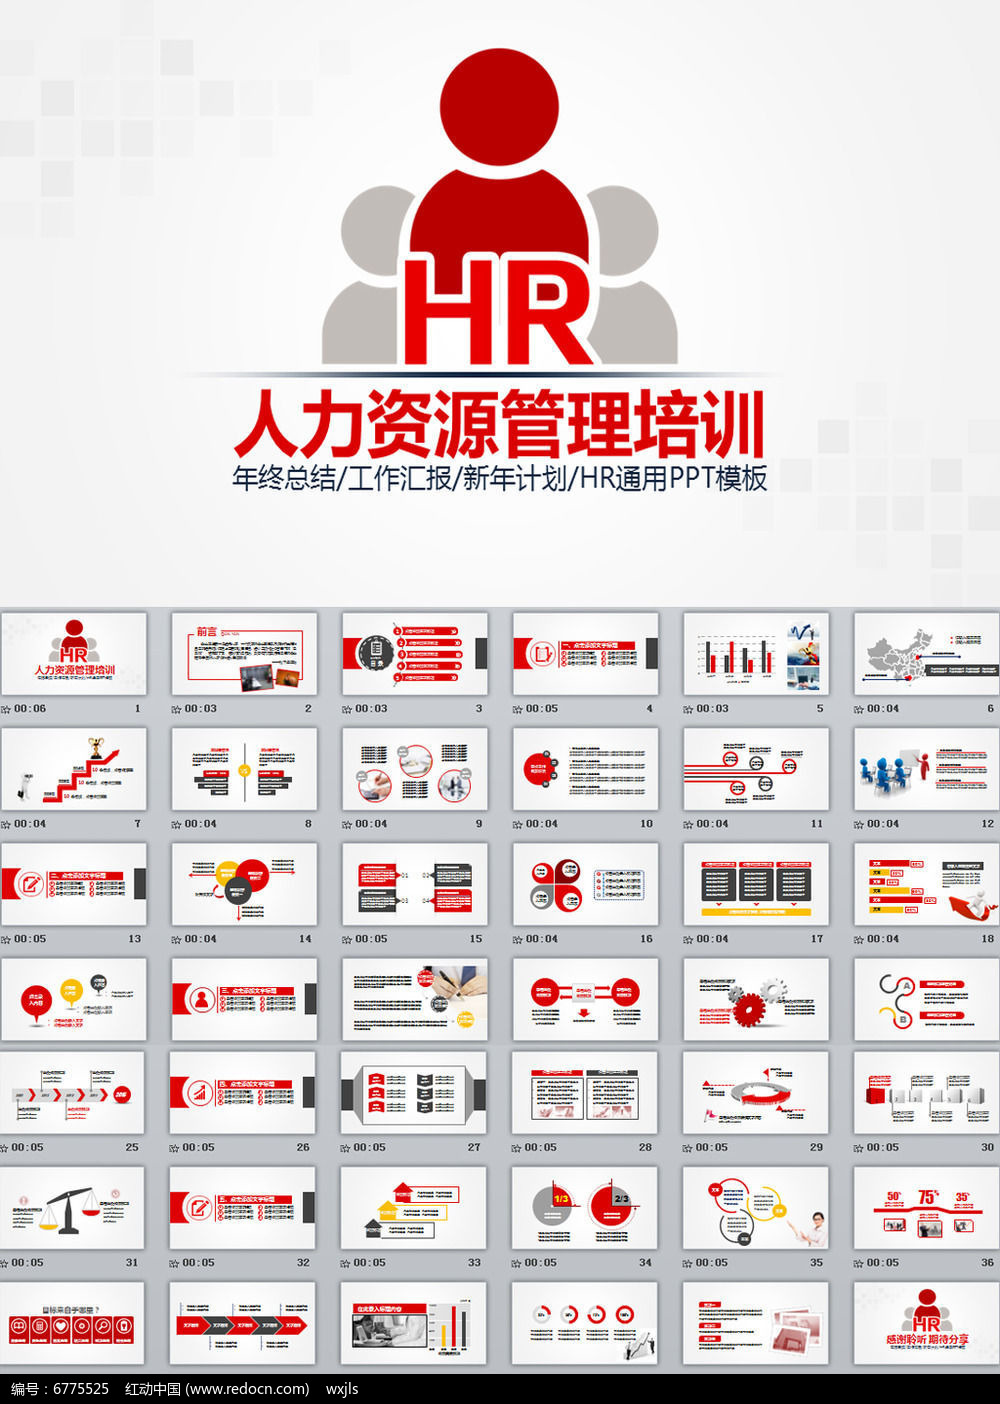 人力资源管理培训生_人力资源管理教育培训行政动态ppt模板_红动网